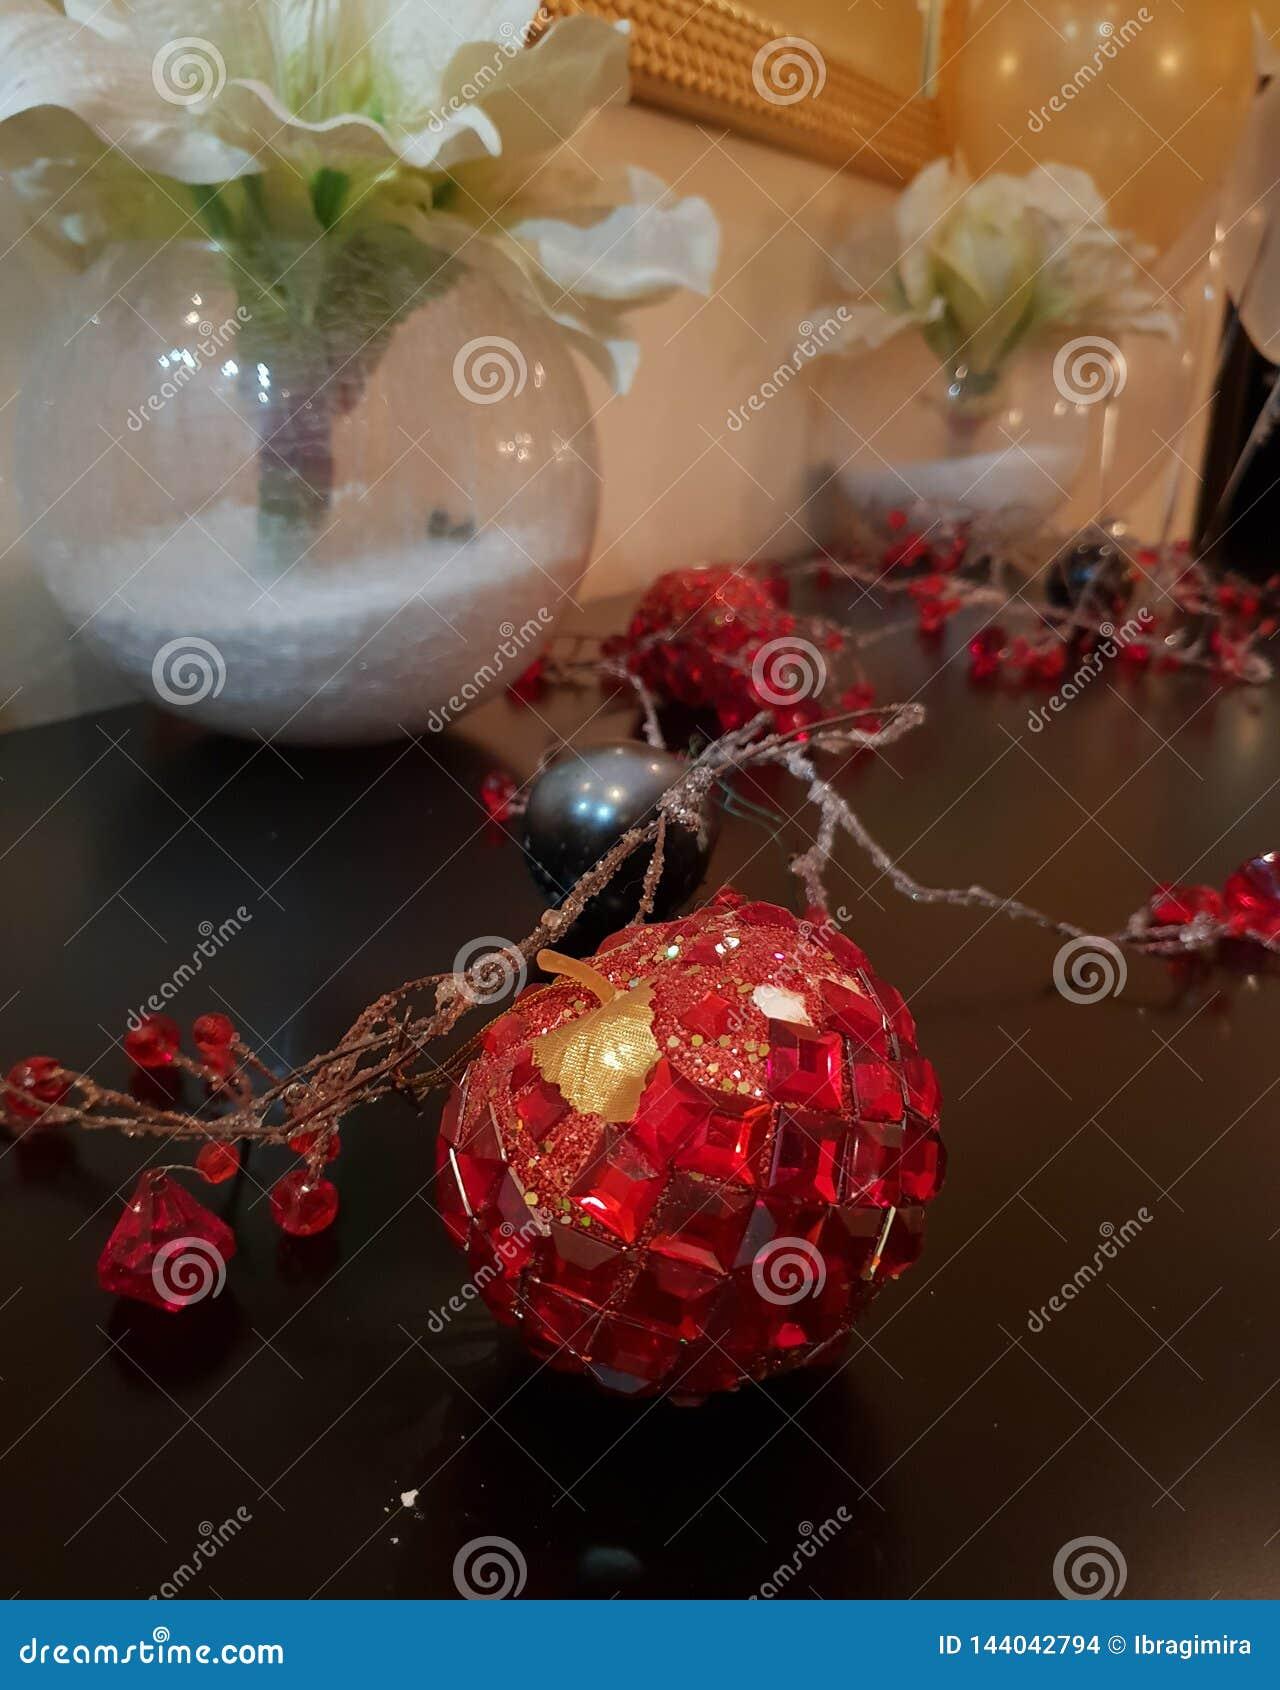 La manzana preciosa de la Navidad mágica está en la tabla